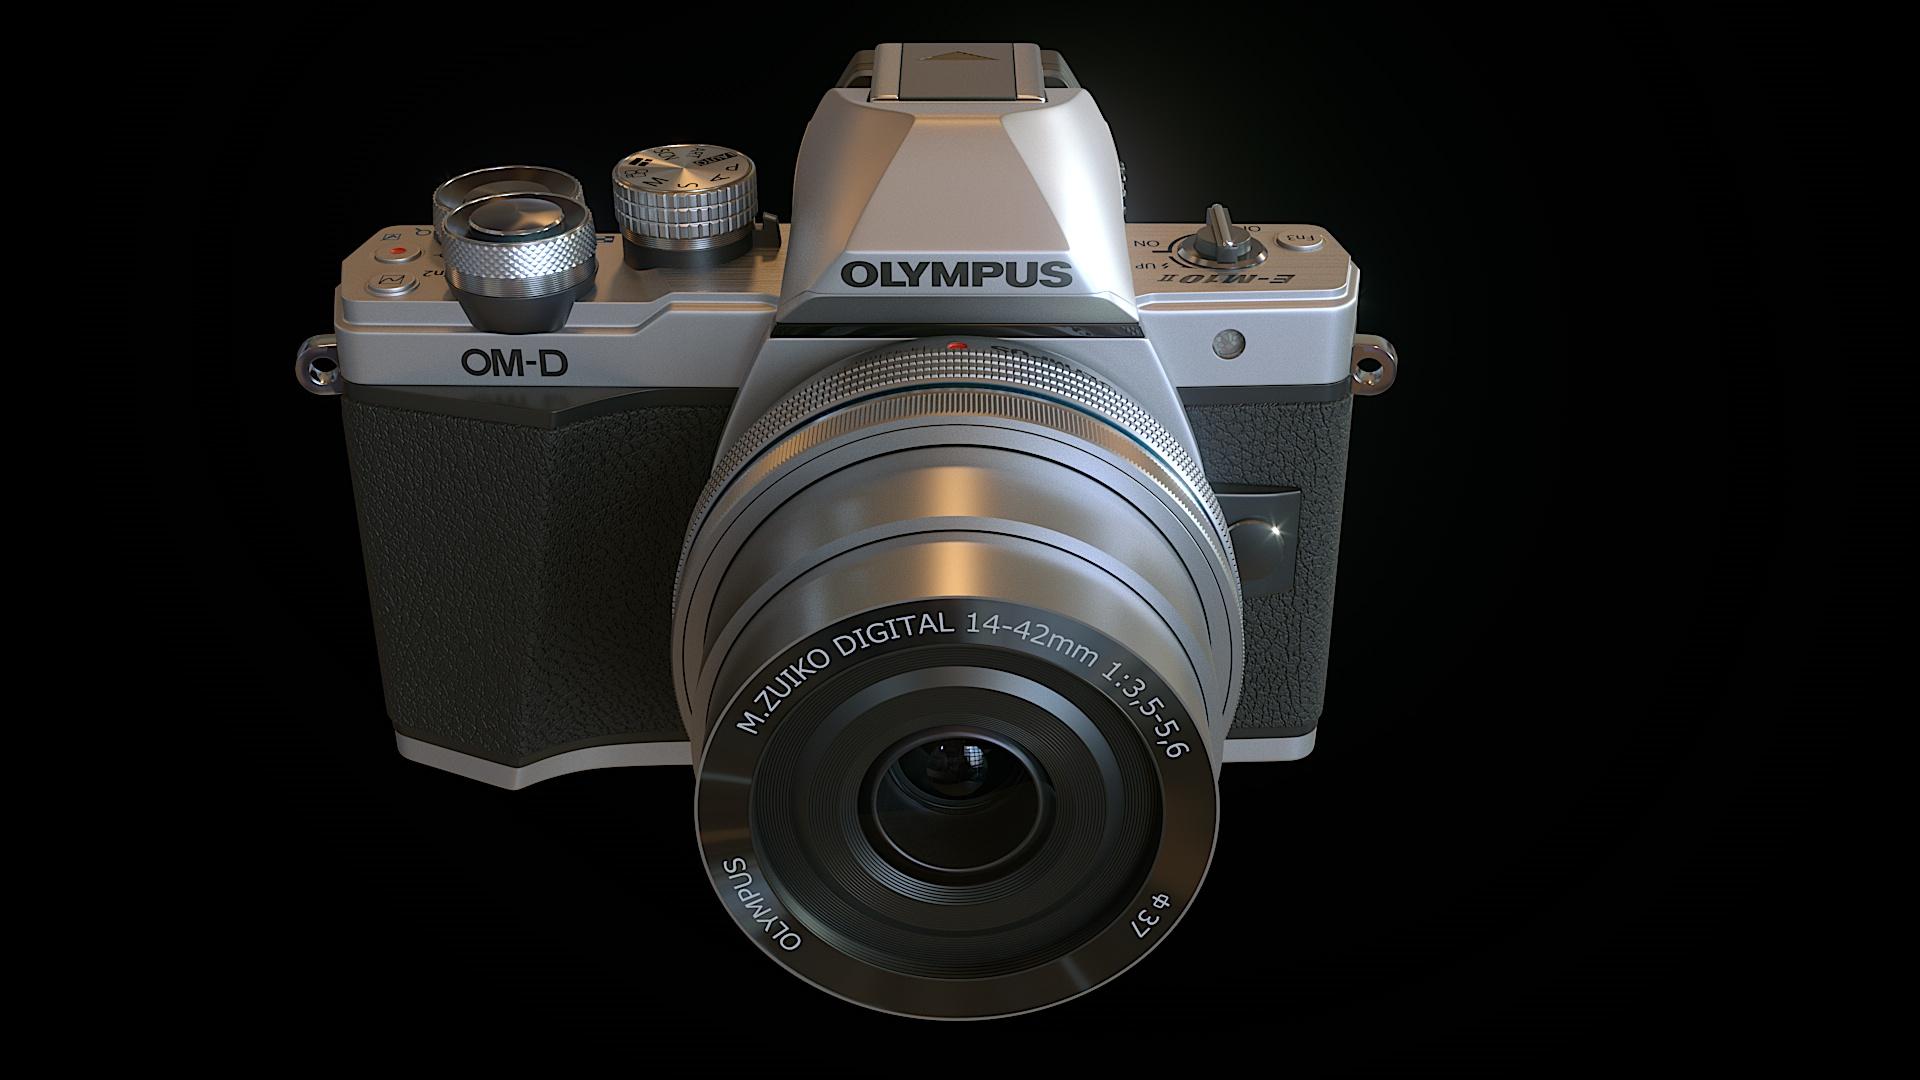 OM-D04